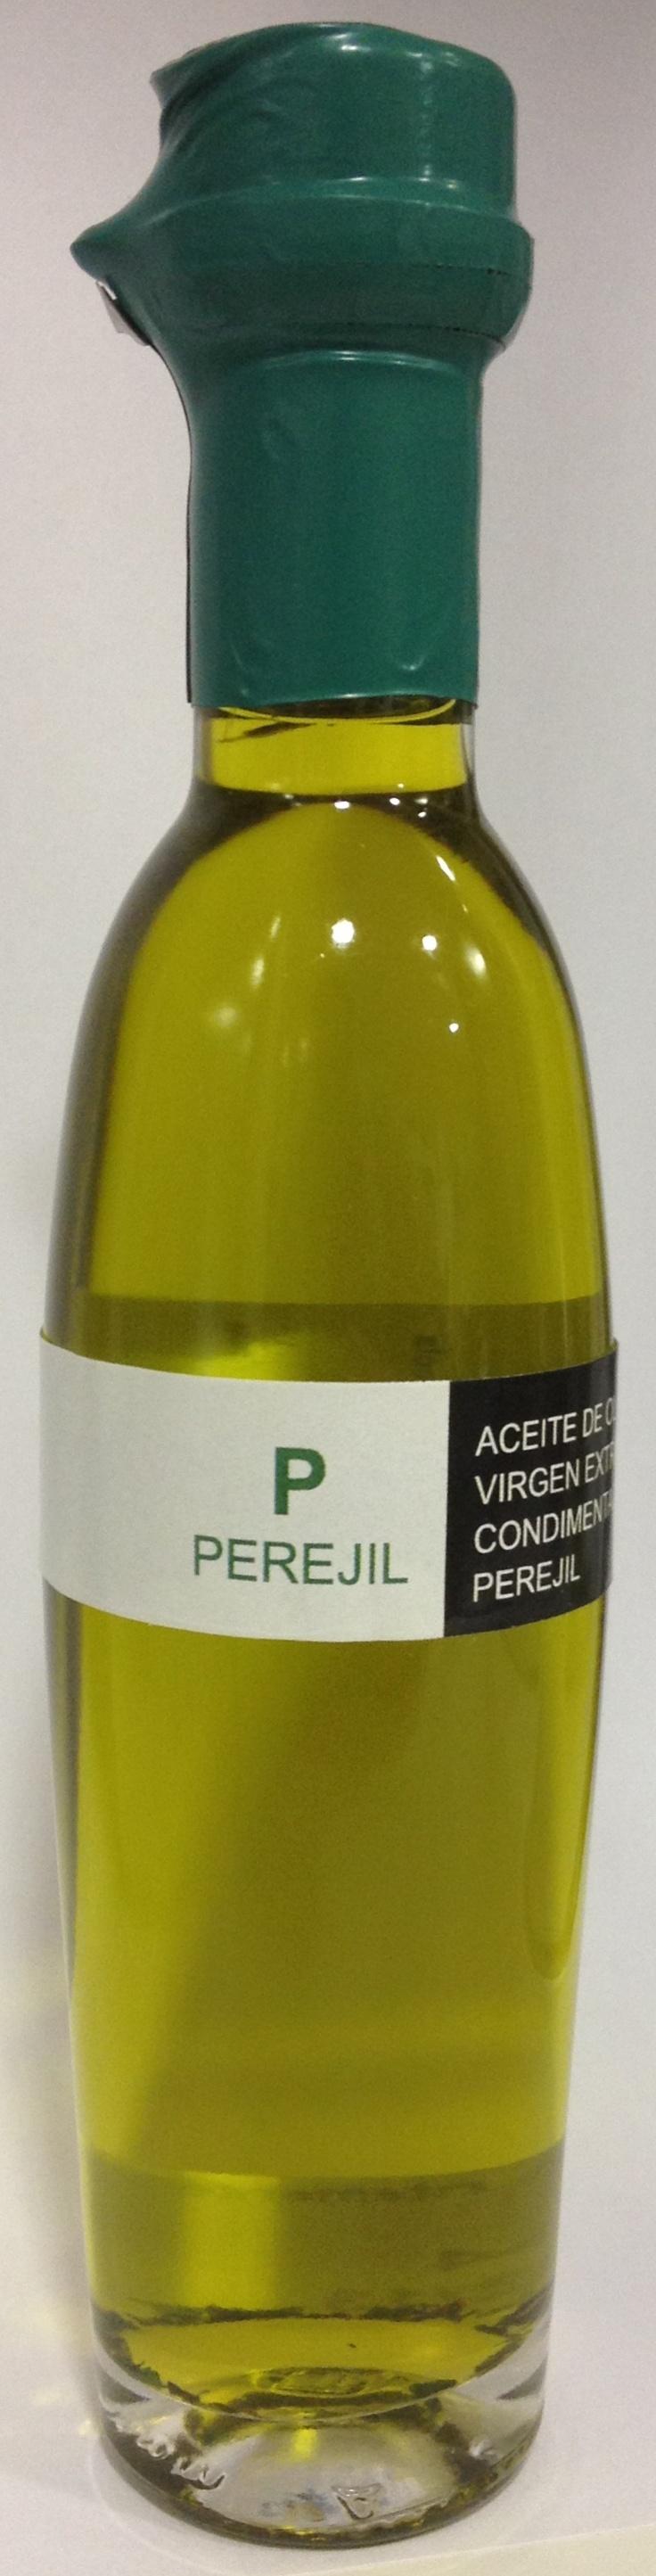 Aceite de oliva virgen extra ecostean con perejil!